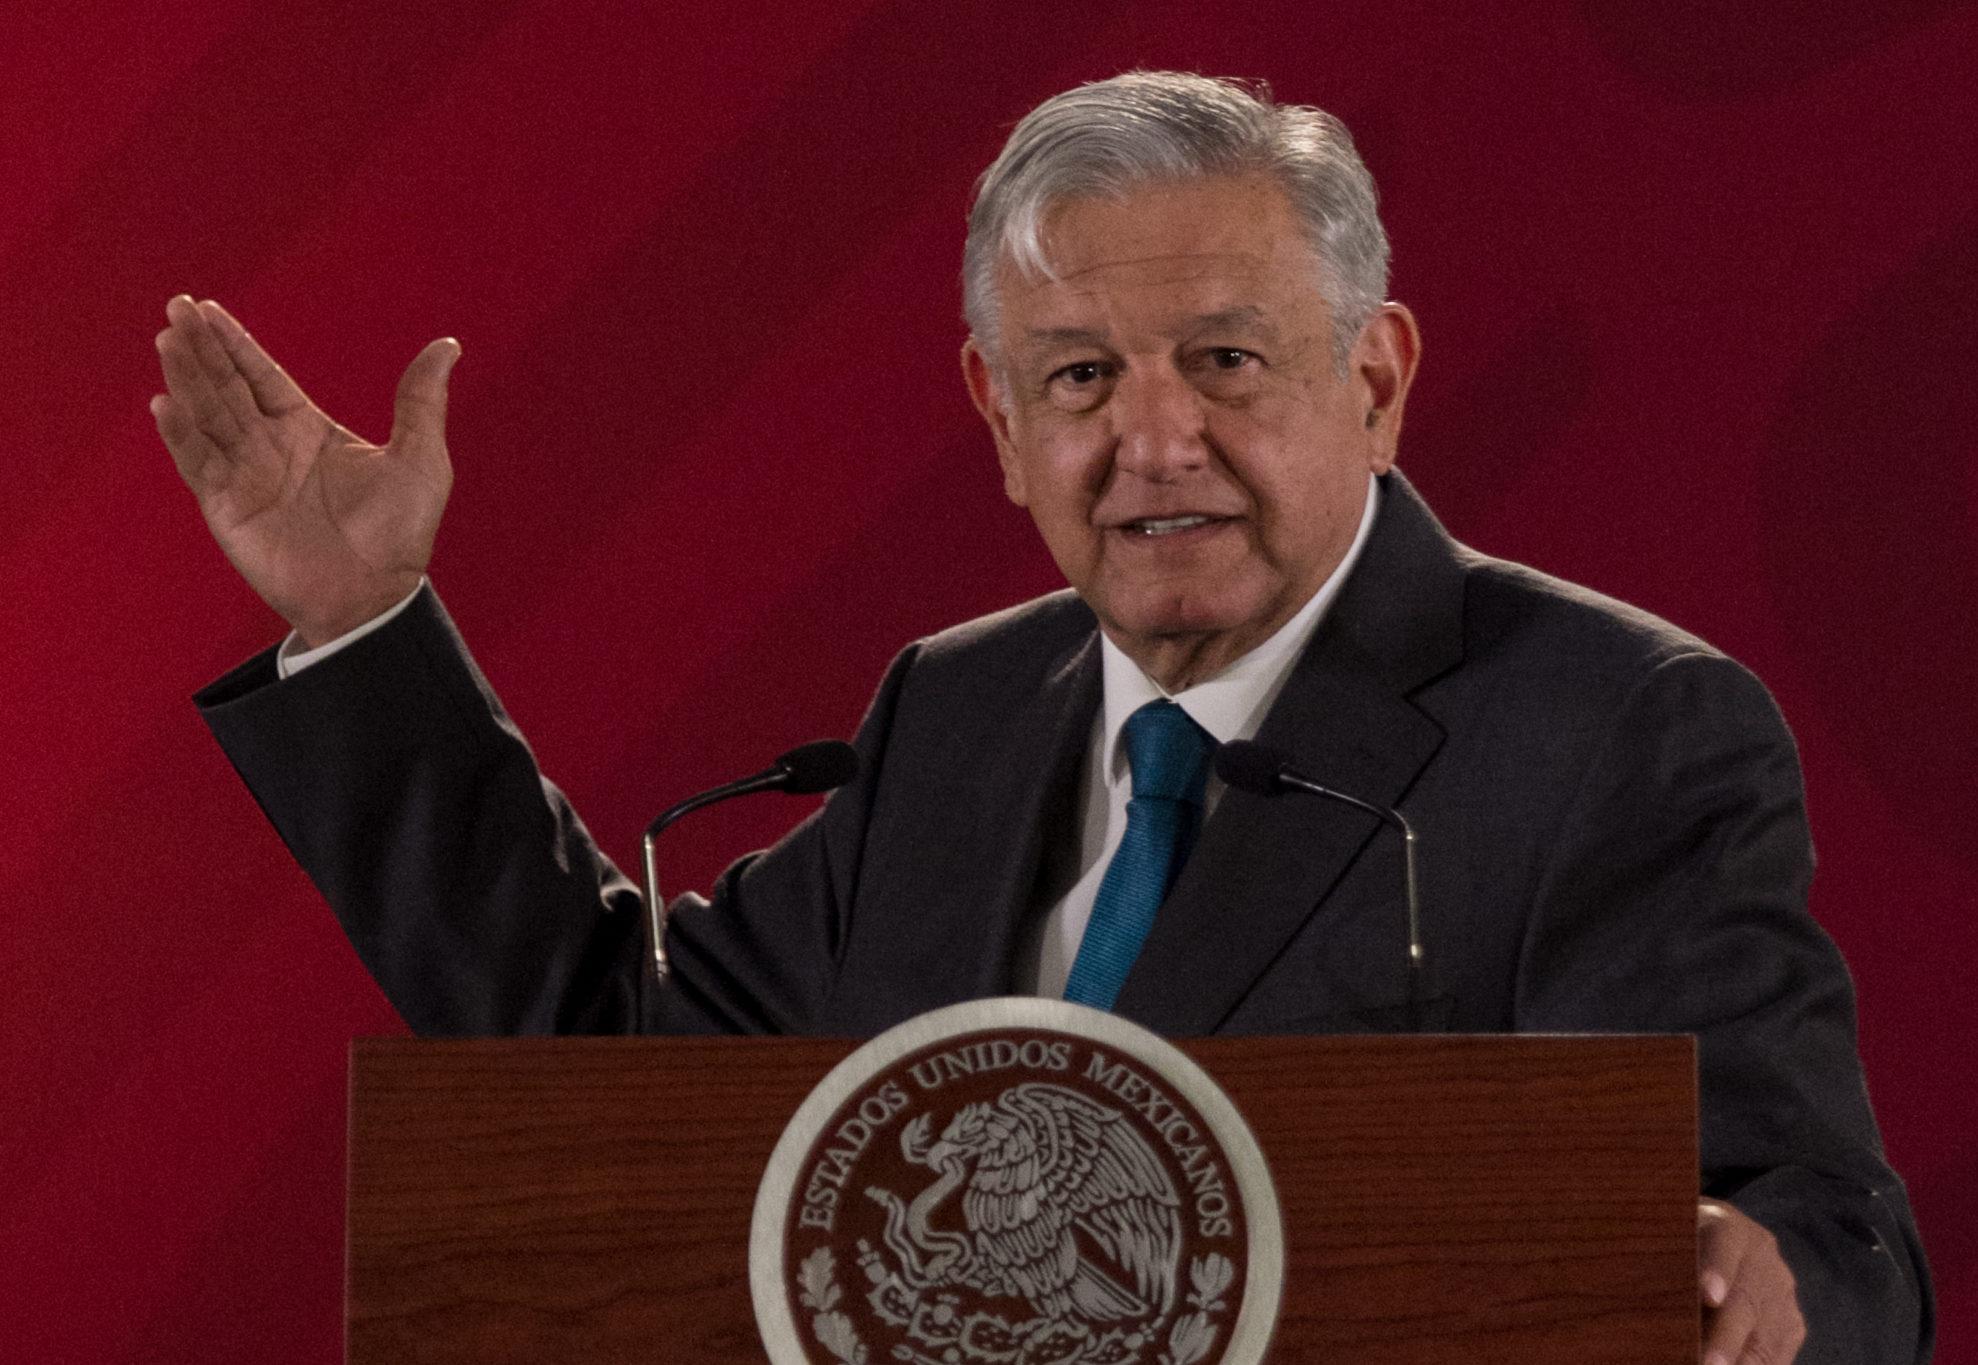 AMLO mencionó que se realizarán trabajos en Badiraguato, municipio de donde es originario El Chapo Guzmán